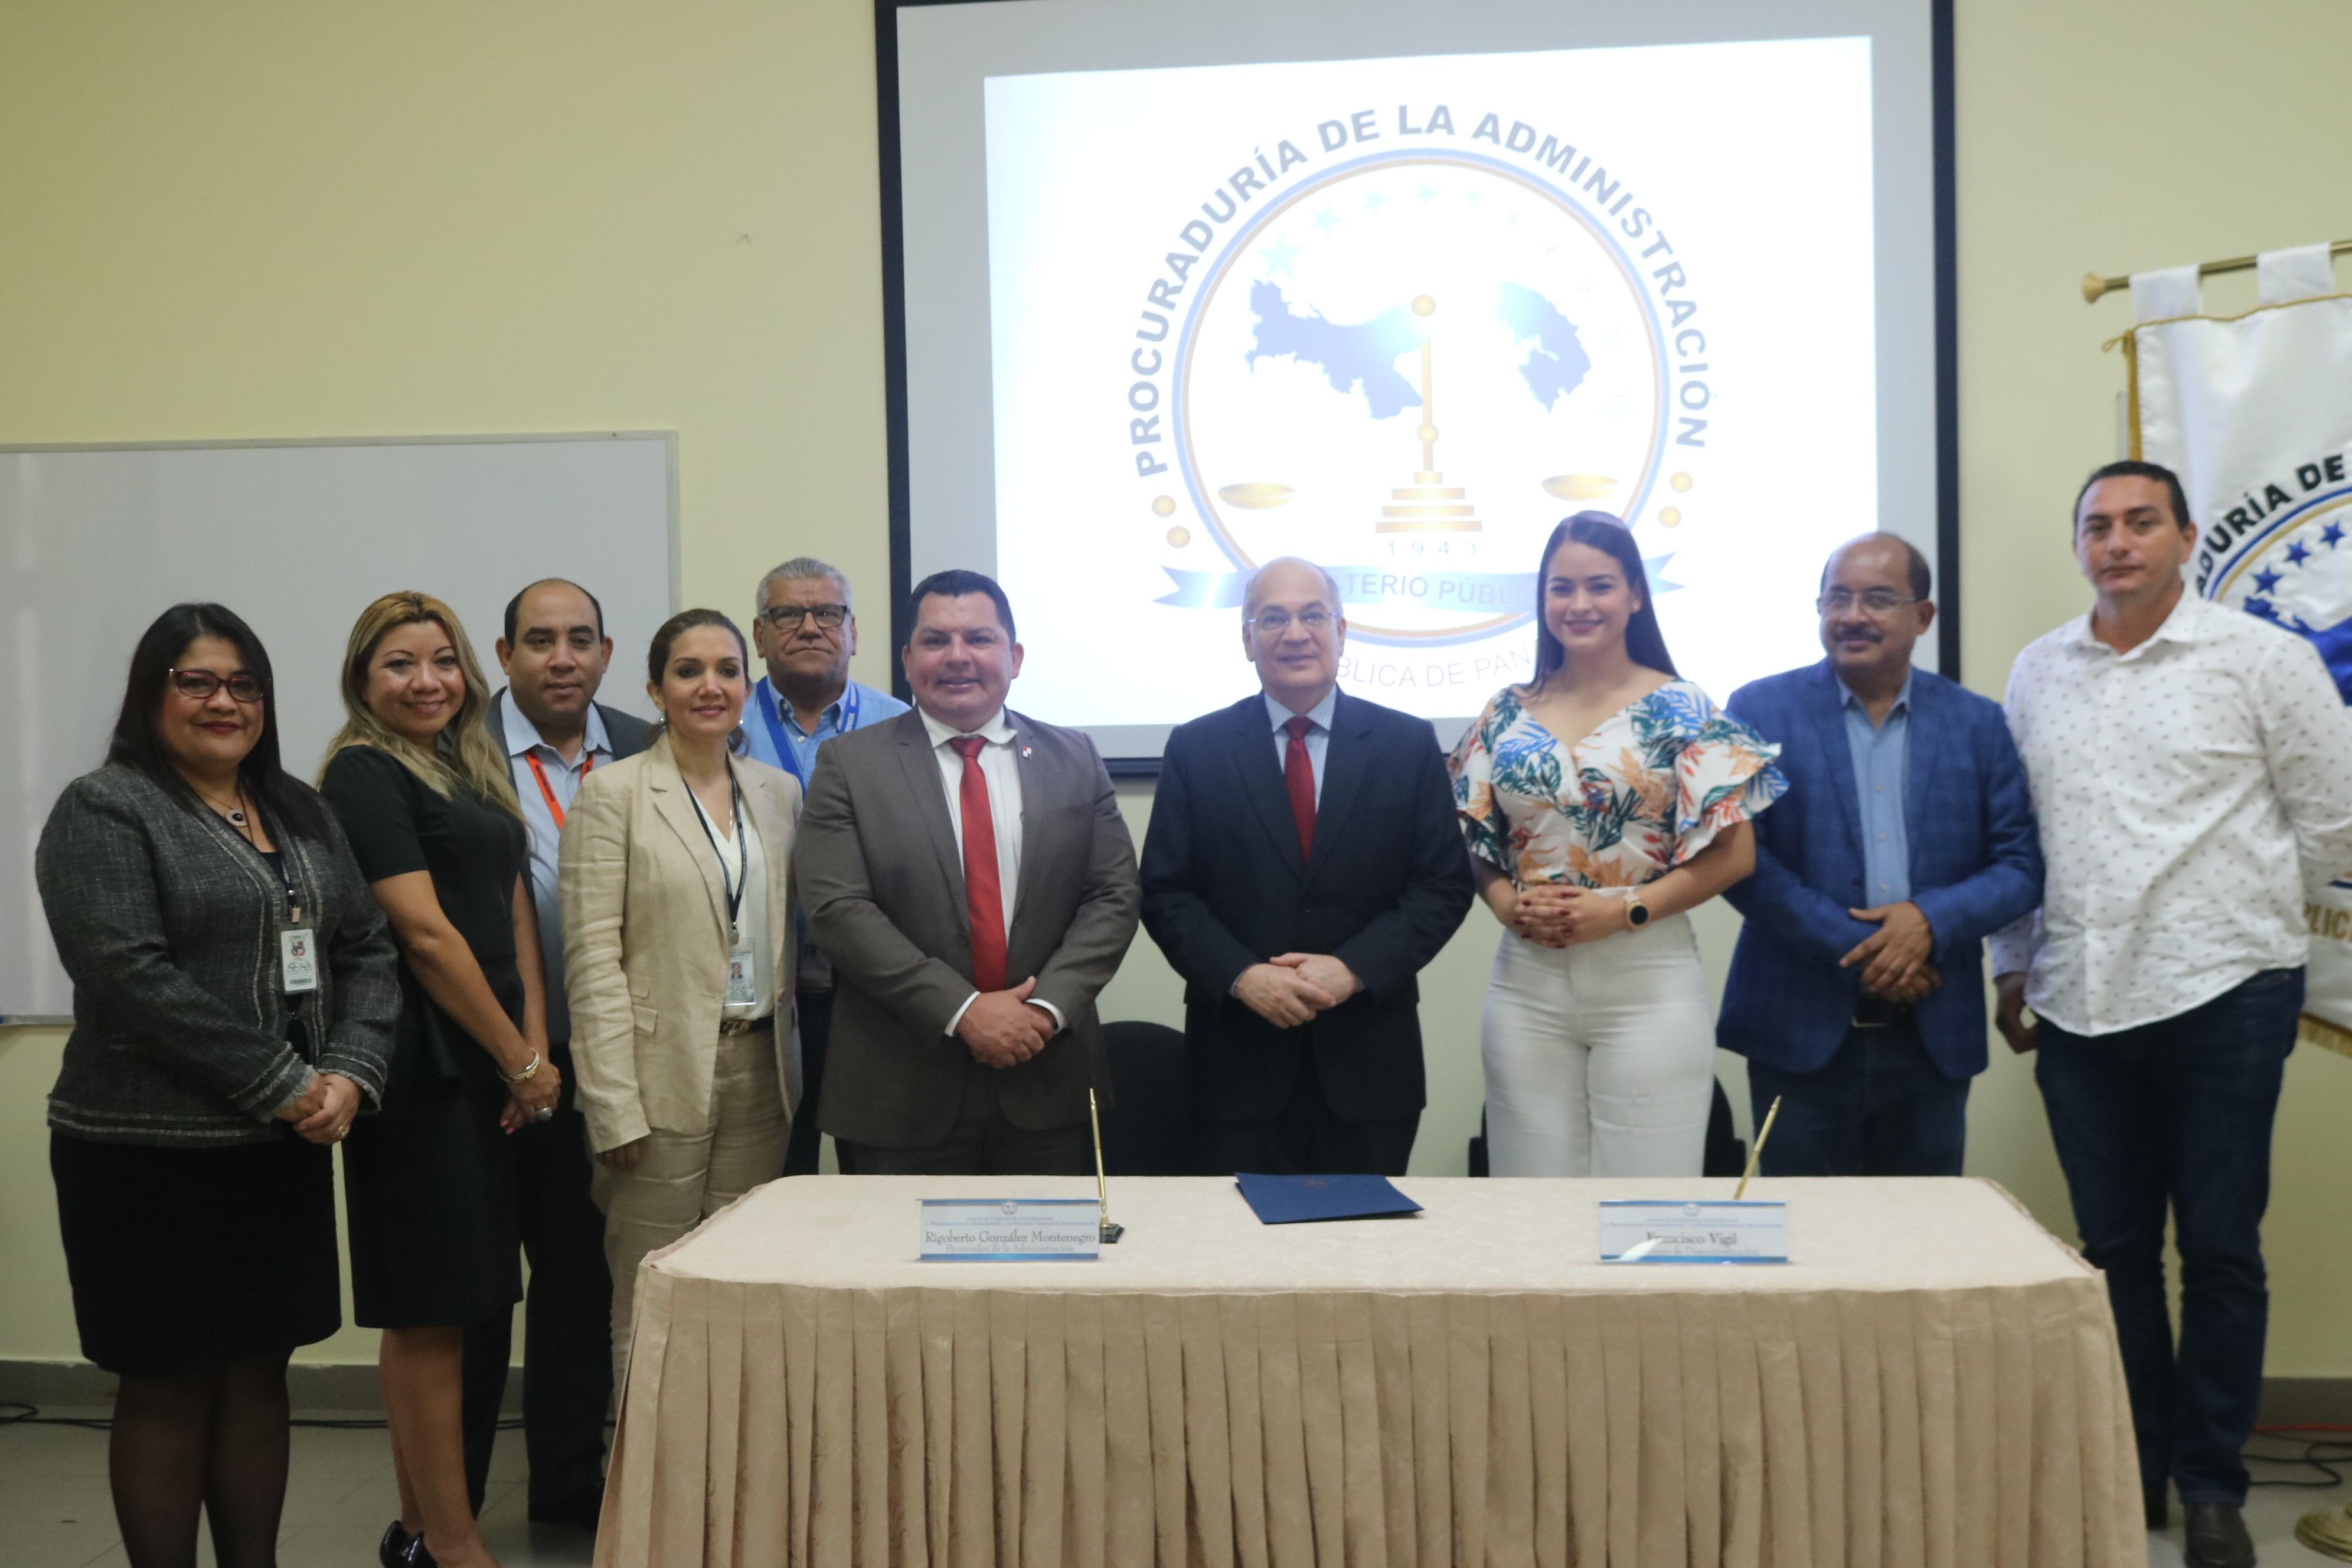 Procuraduría de la Administración y Secretaría de Descentralización firman convenio interinstitucional